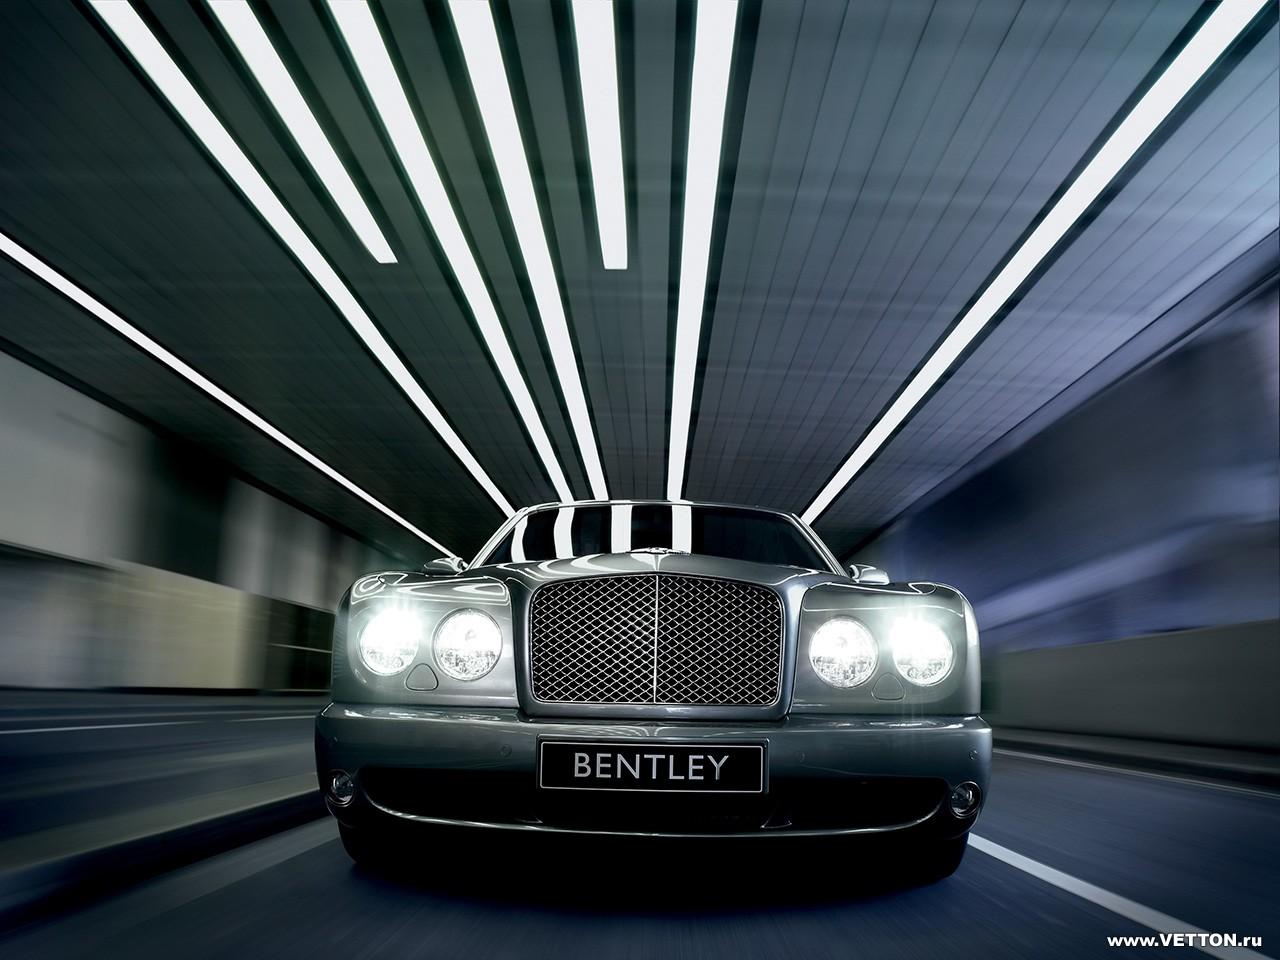 Bentley 981-1-